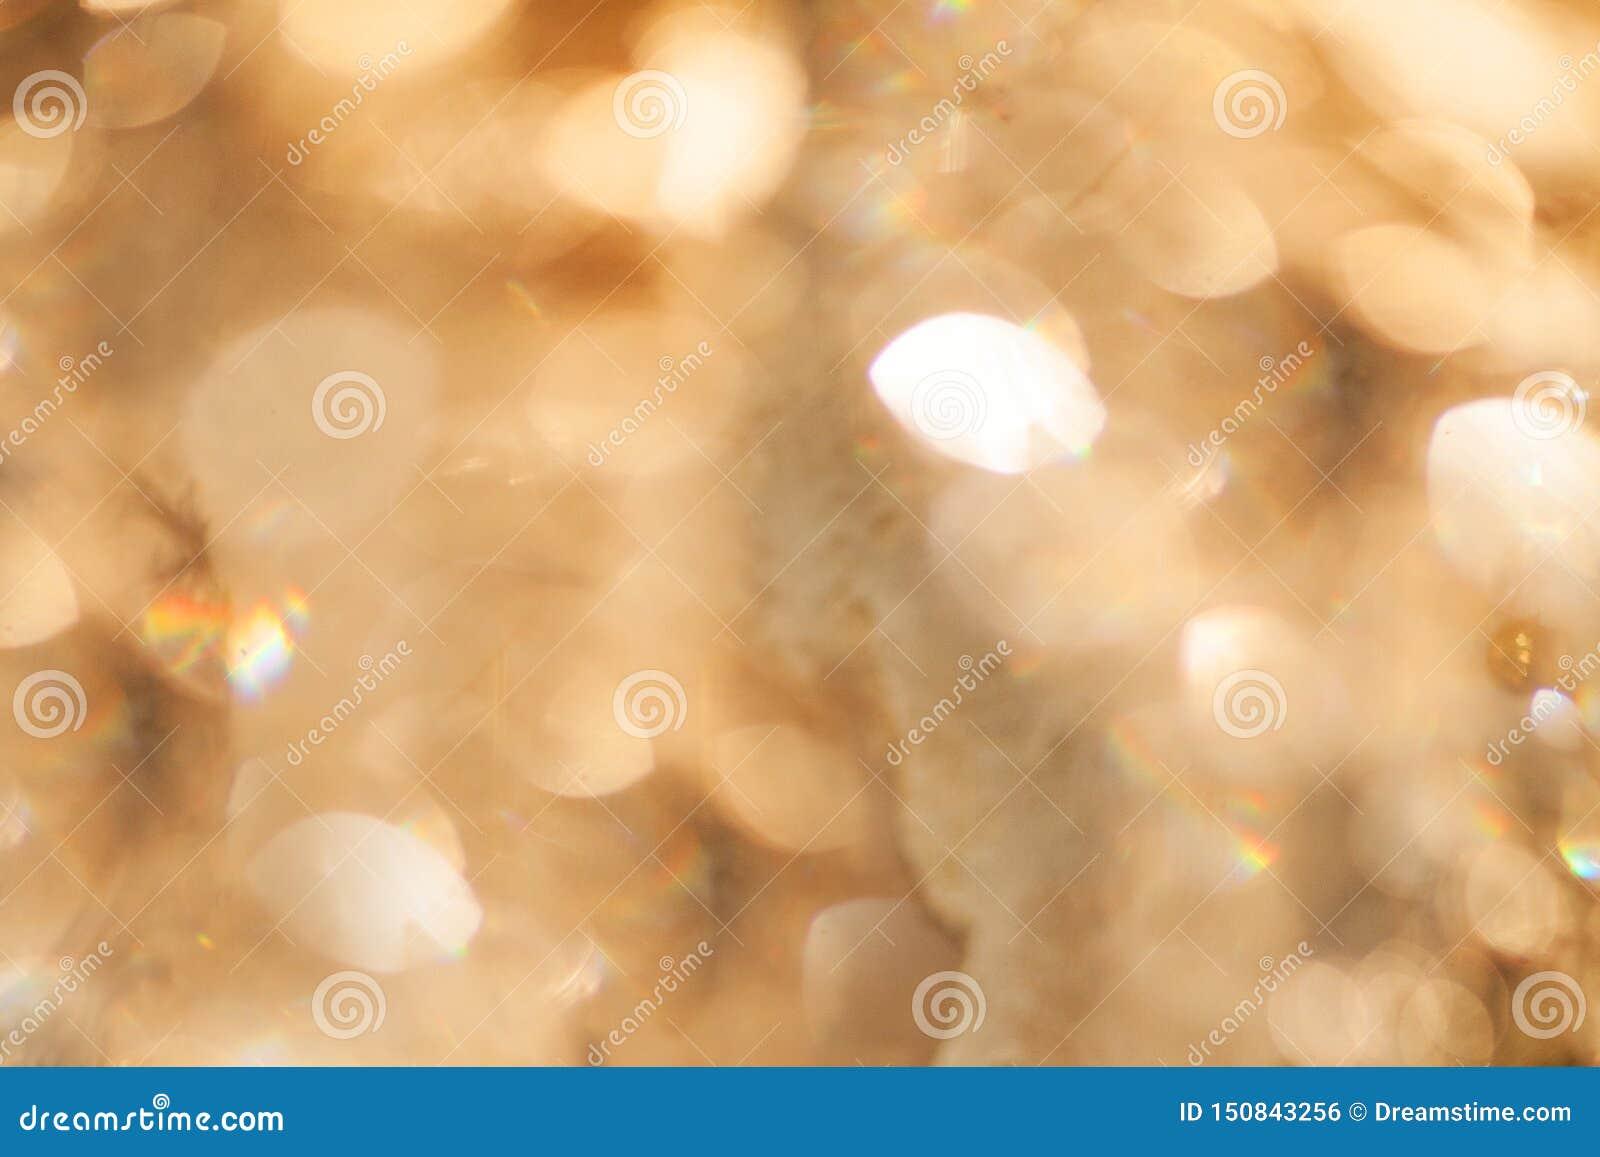 Zusammenfassung bokeh goldene Hintergrundbeschaffenheit